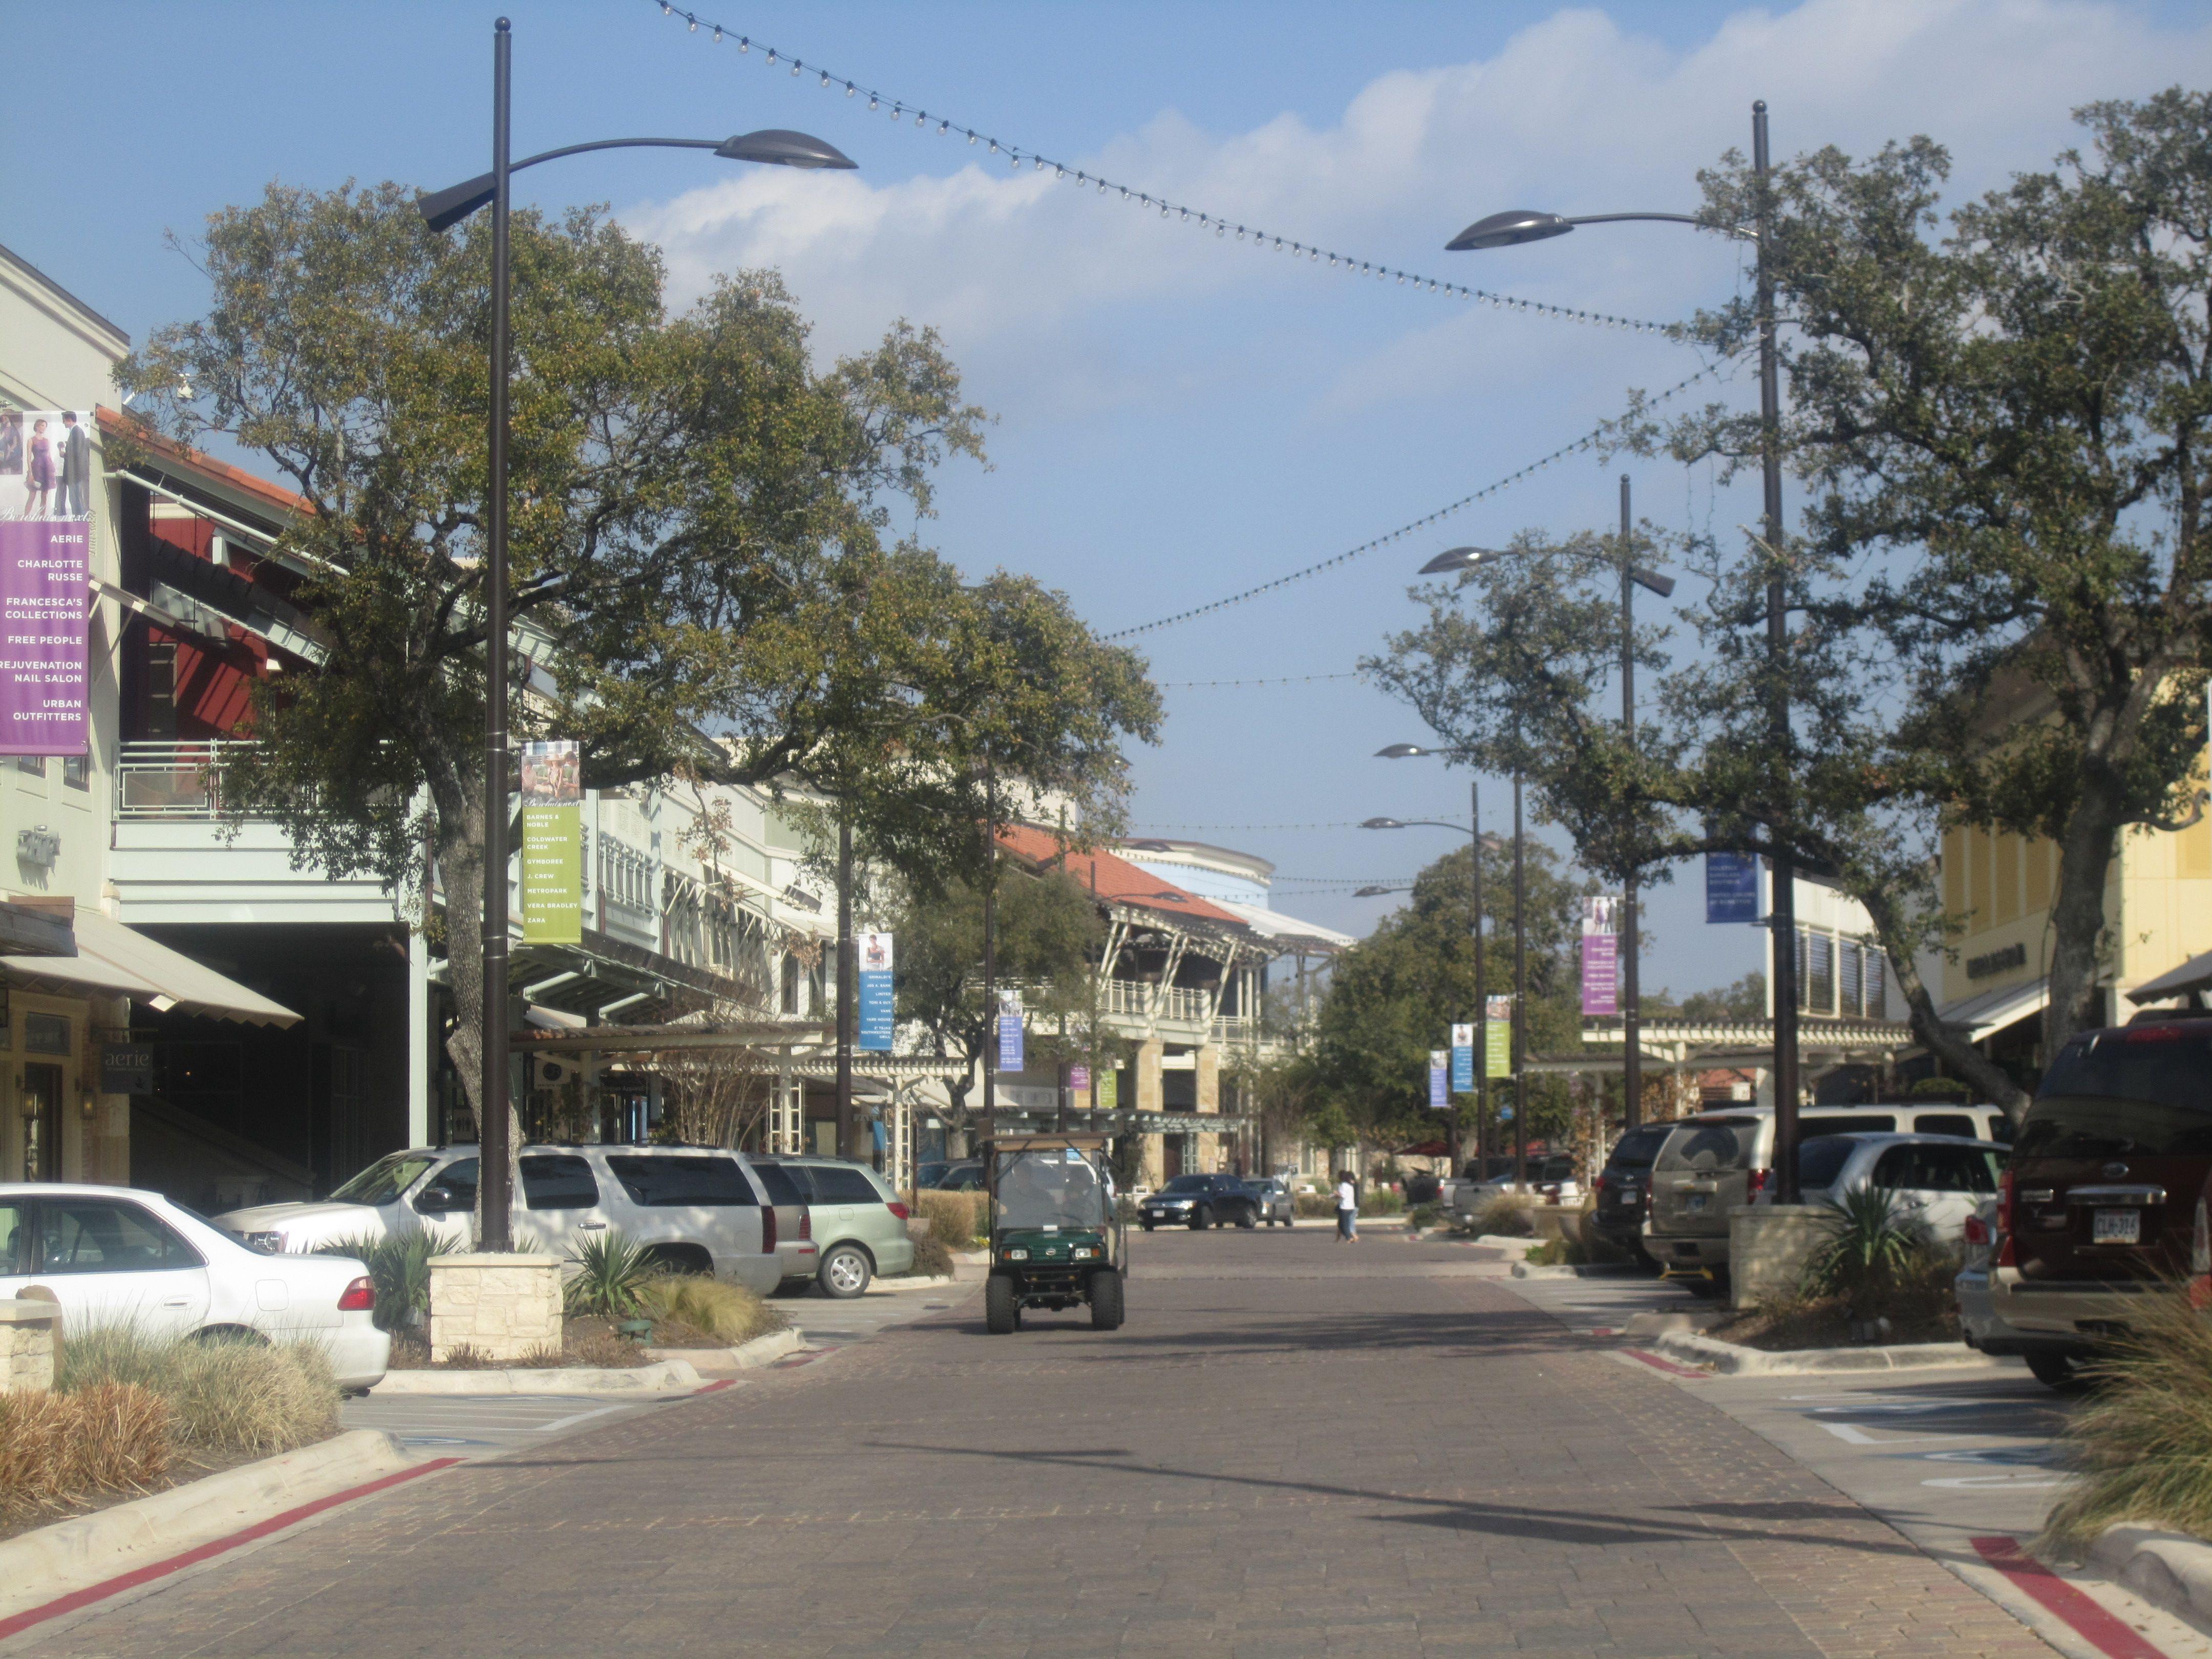 UTSA   University Of Texas At San Antonio Roadrunners   The Shops At La  Cantera Is A Non Enclosed Shopping Mall Located Near The University Of Texas  At San ...